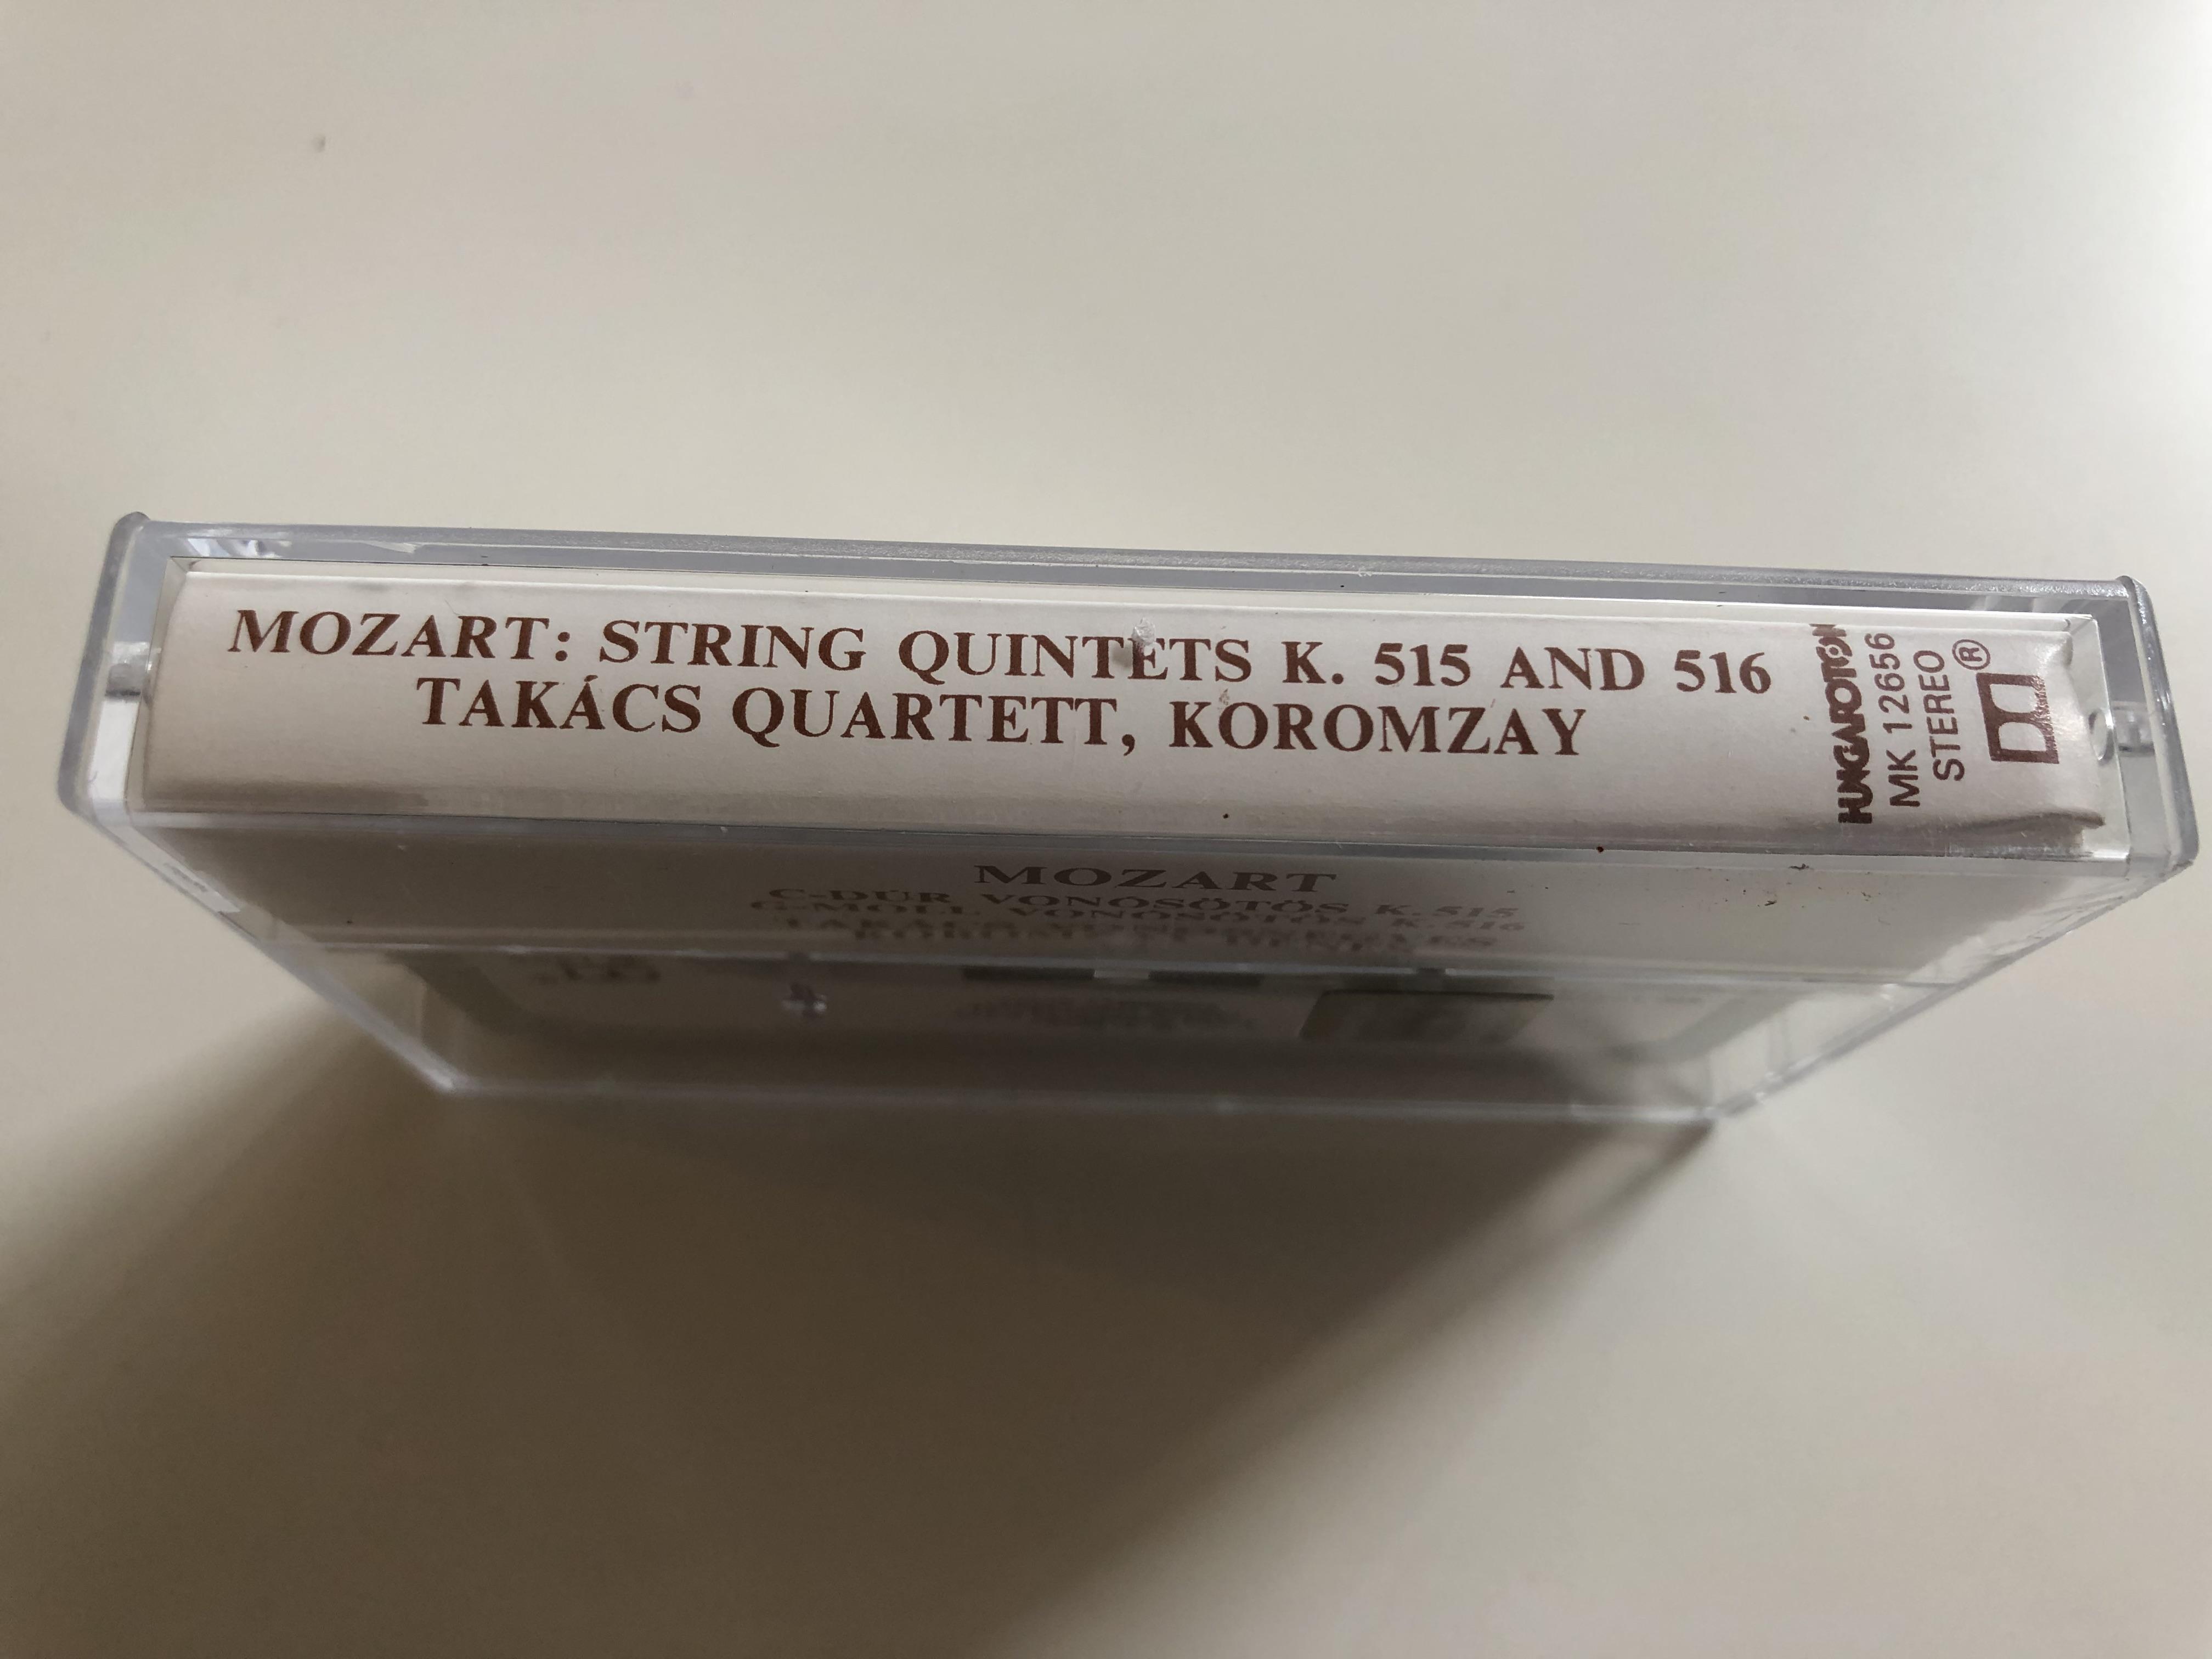 w.a.mozart-string-quintets-in-c-major-k515-in-g-minor-k516-takacs-quartet-denes-koromzay-hungaroton-cassette-stereo-mk-12656-4-.jpg